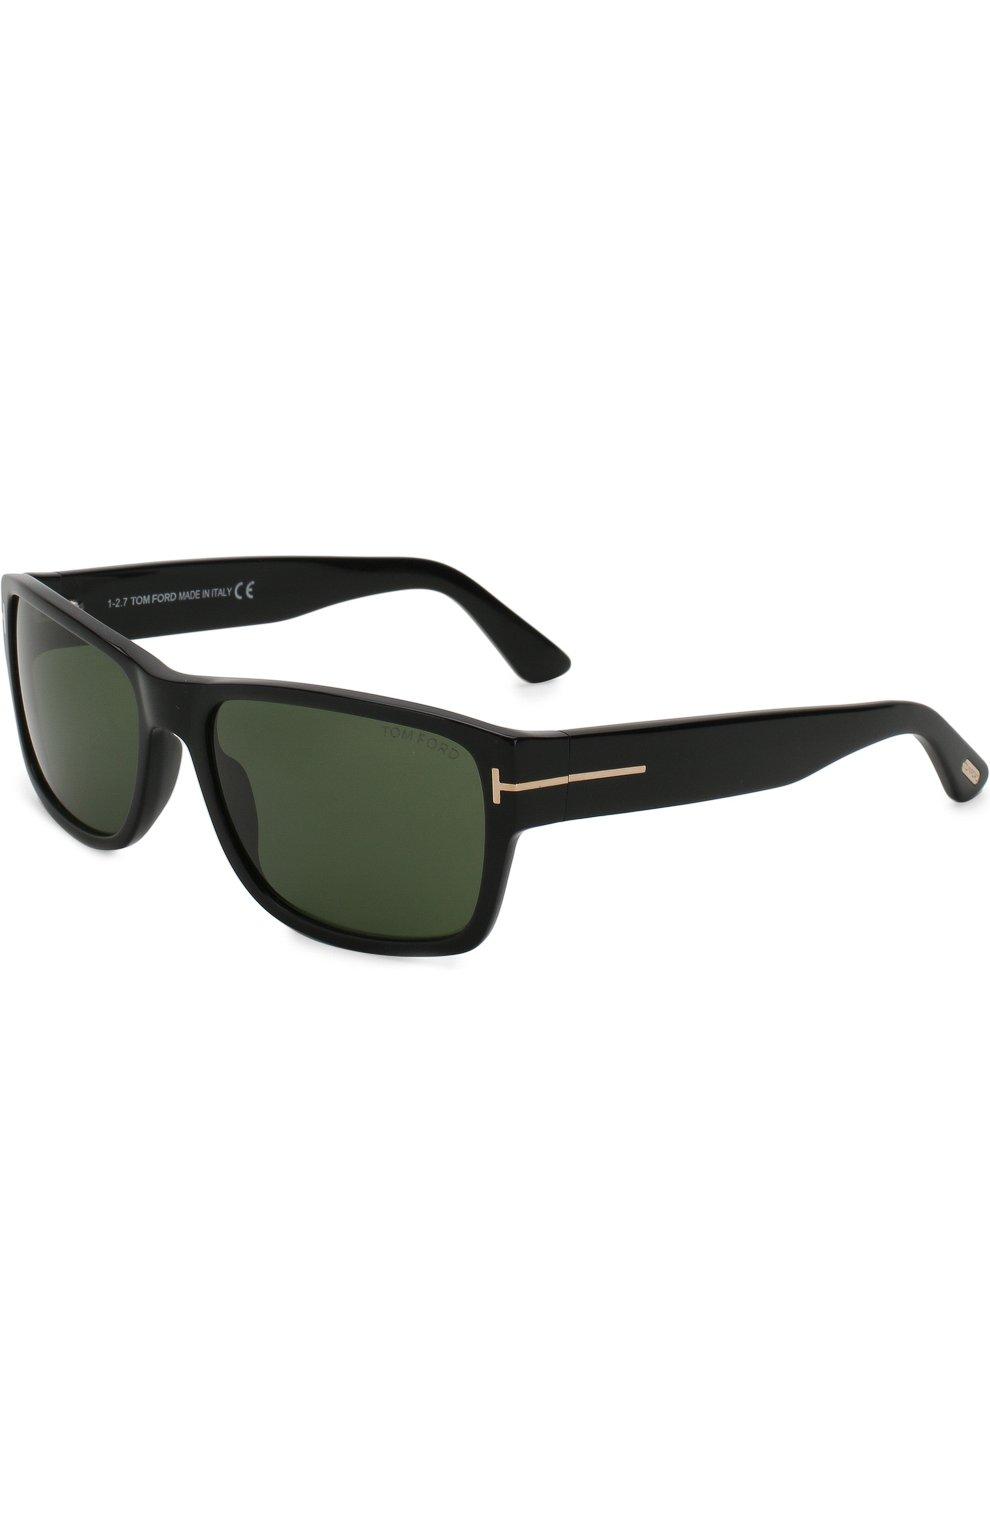 Мужские солнцезащитные очки TOM FORD черного цвета, арт. TF445 01N   Фото 1